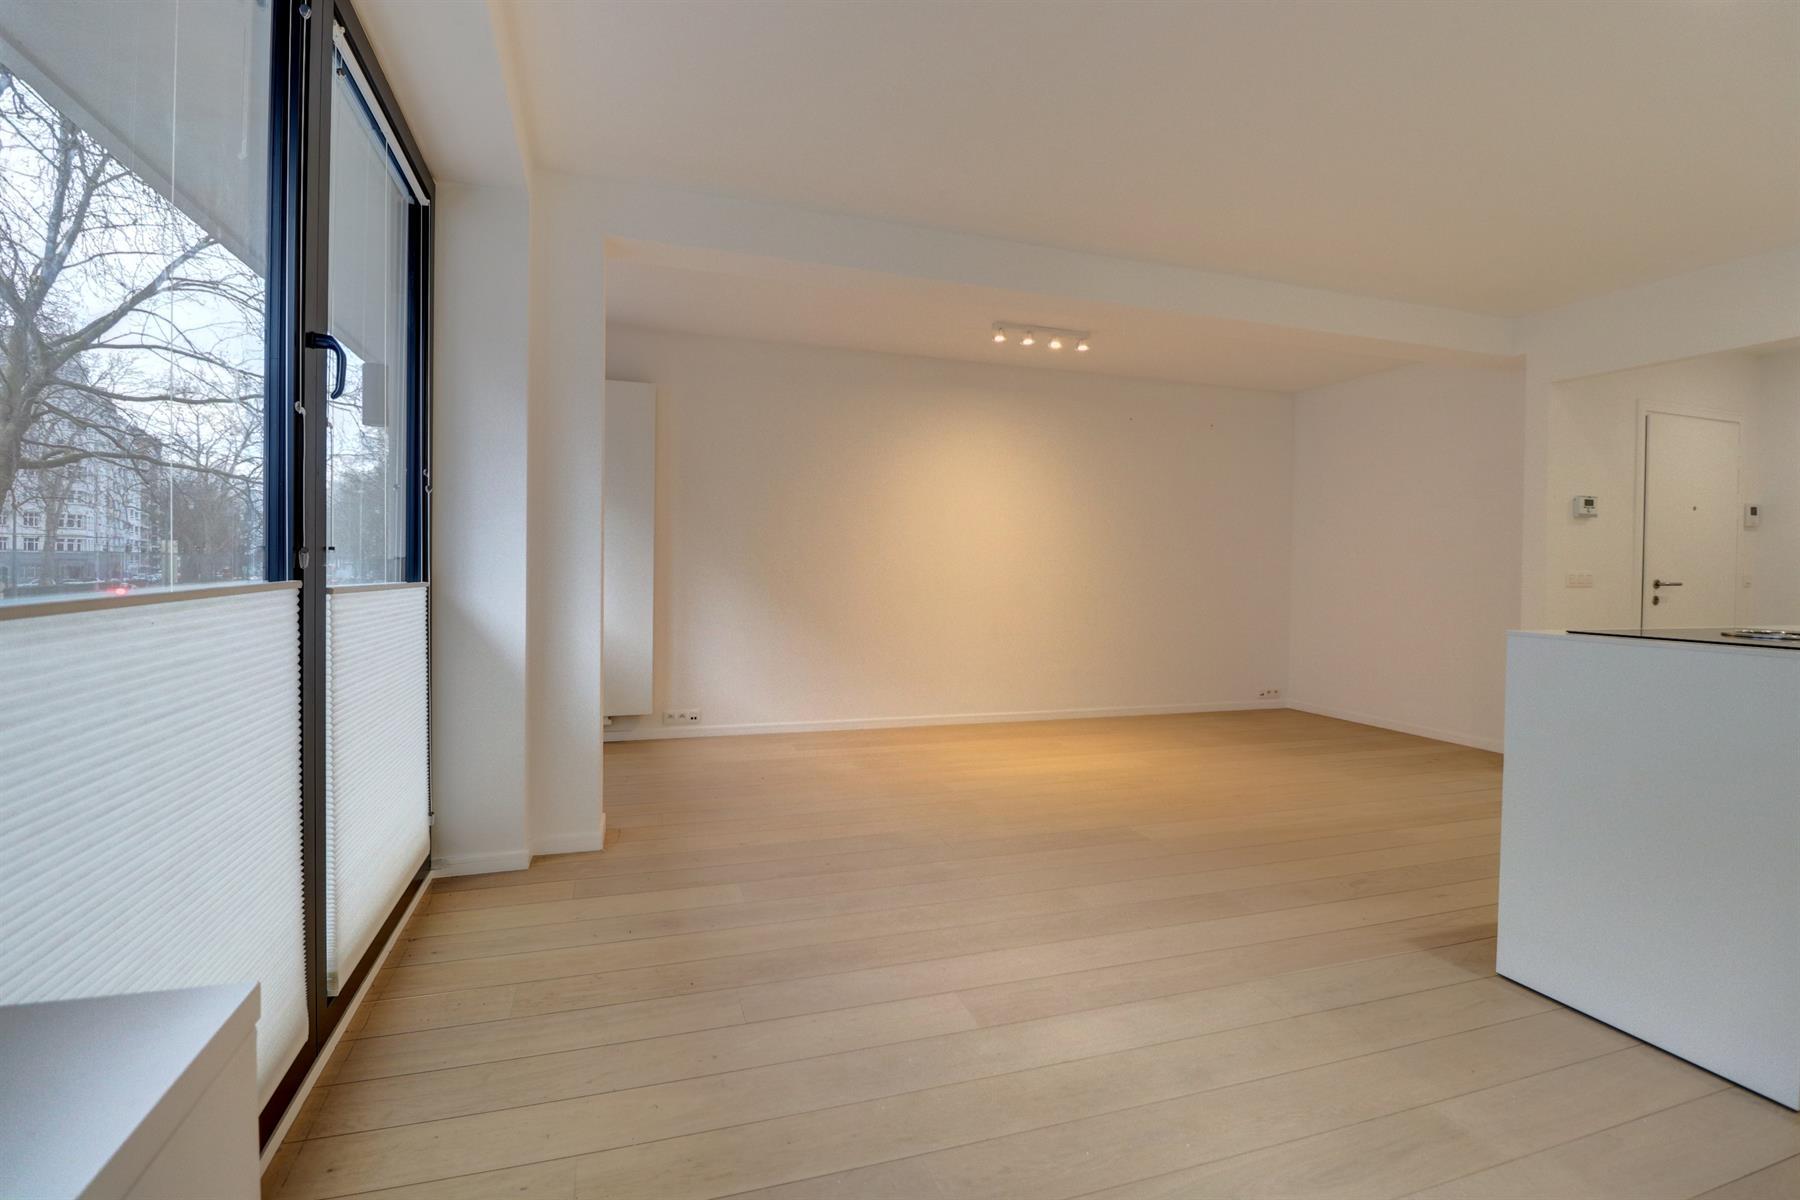 Appartement - Ixelles - #4264761-26